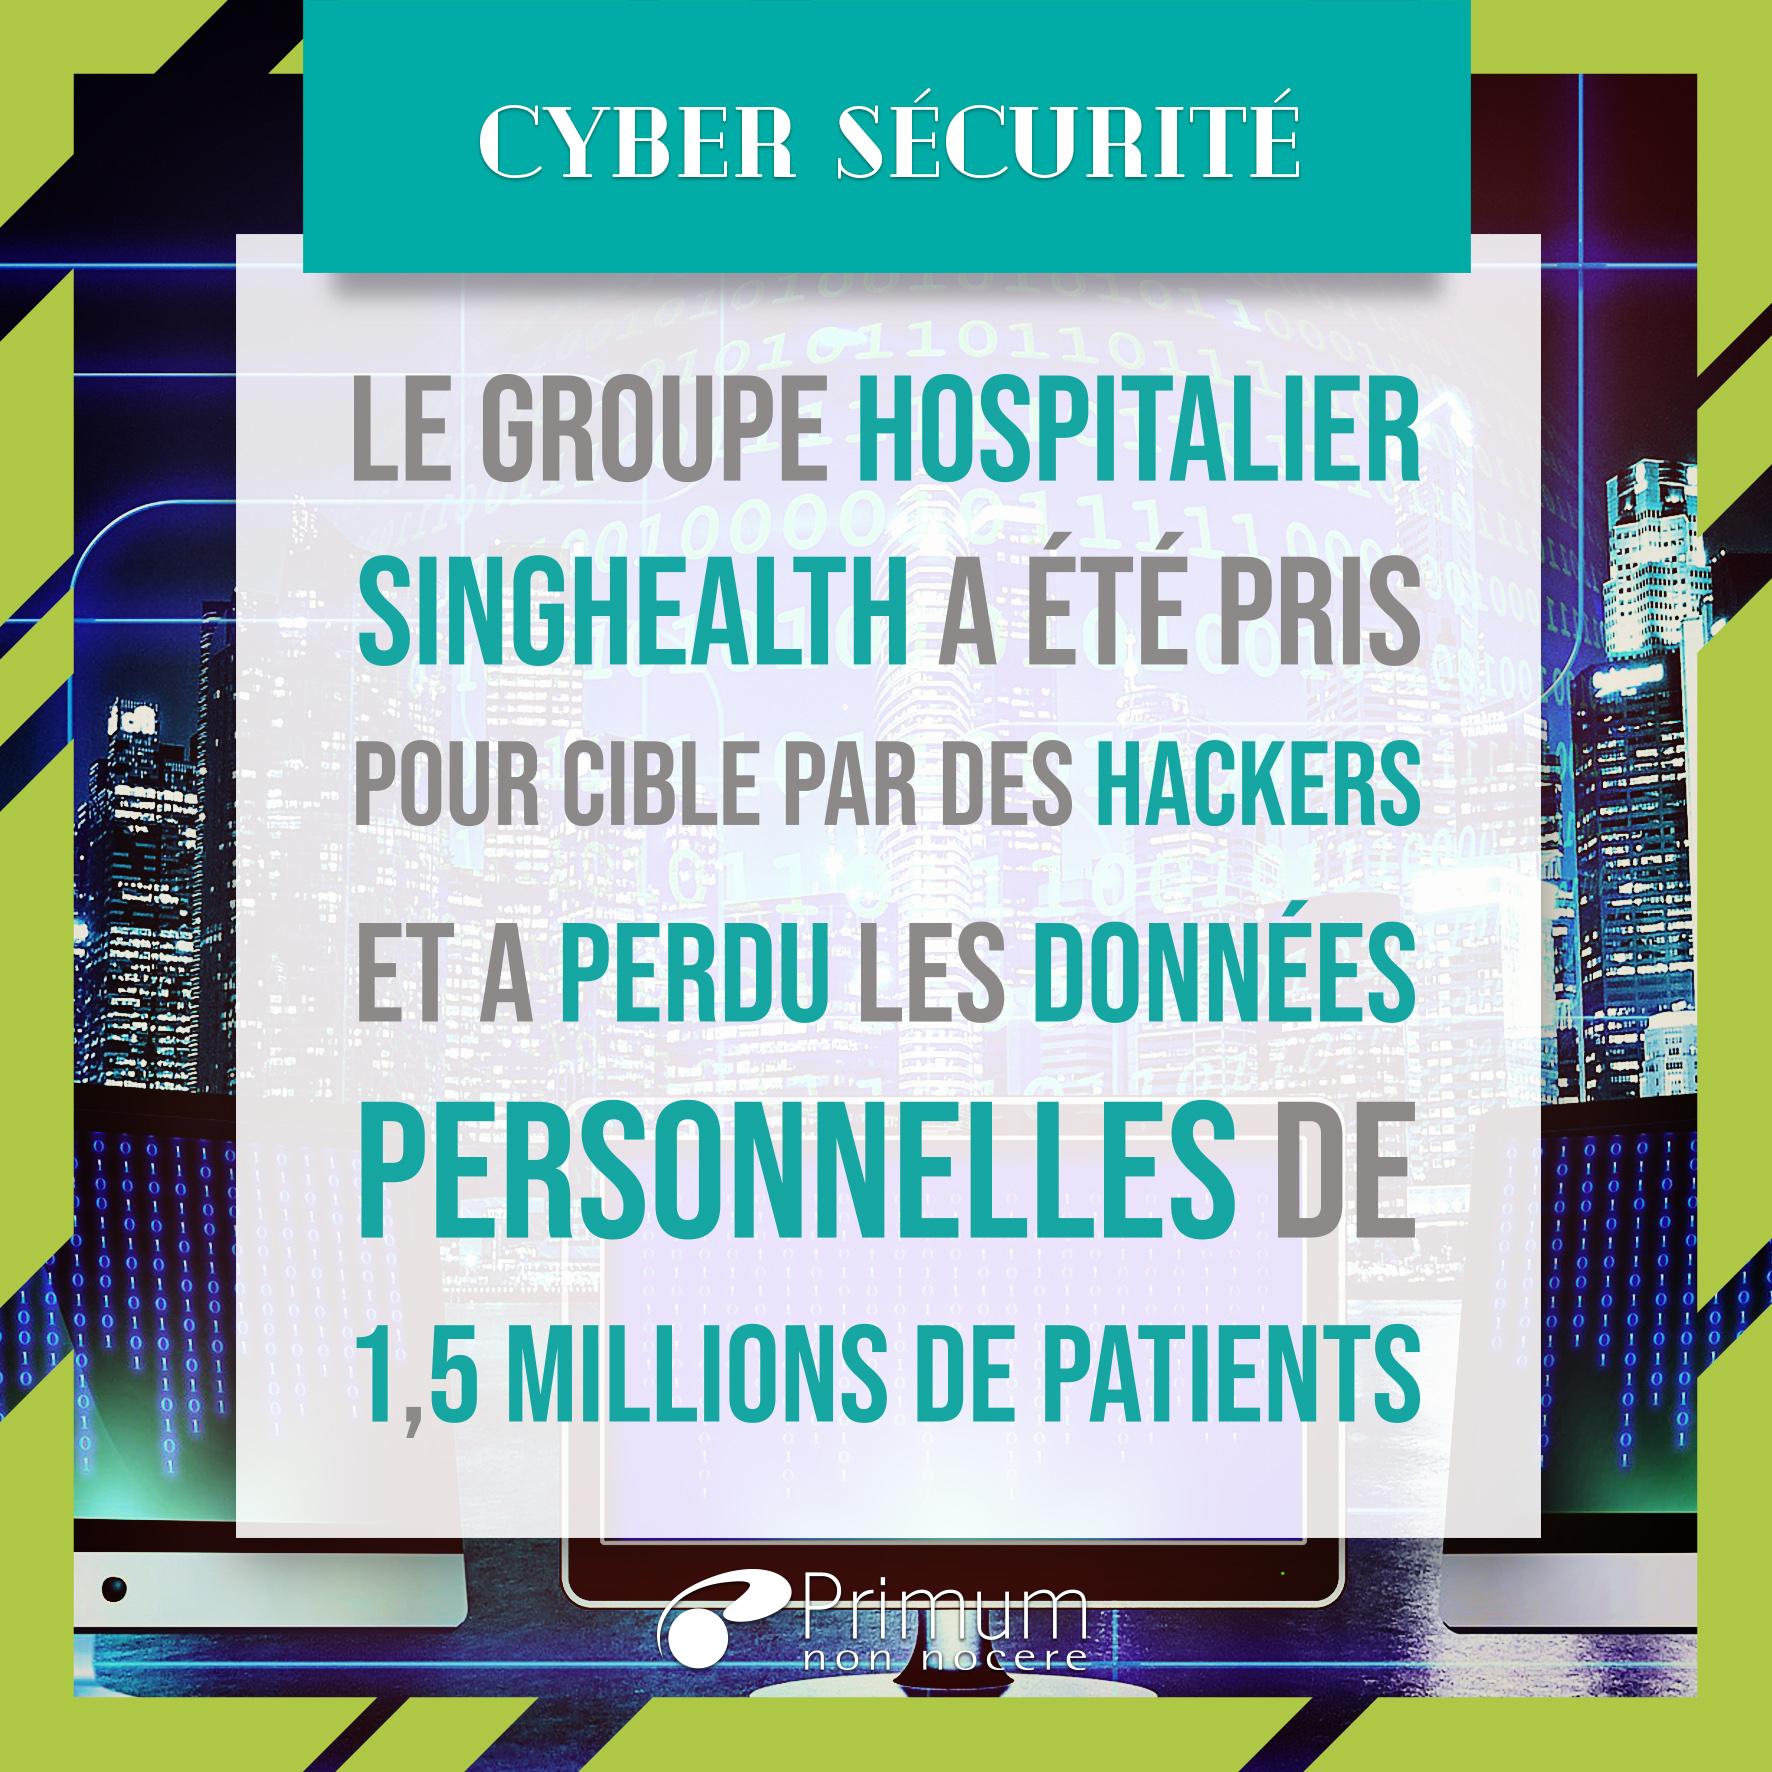 À l'assaut des dossiers médicaux : cyber-attaques contre les groupes hospitaliers